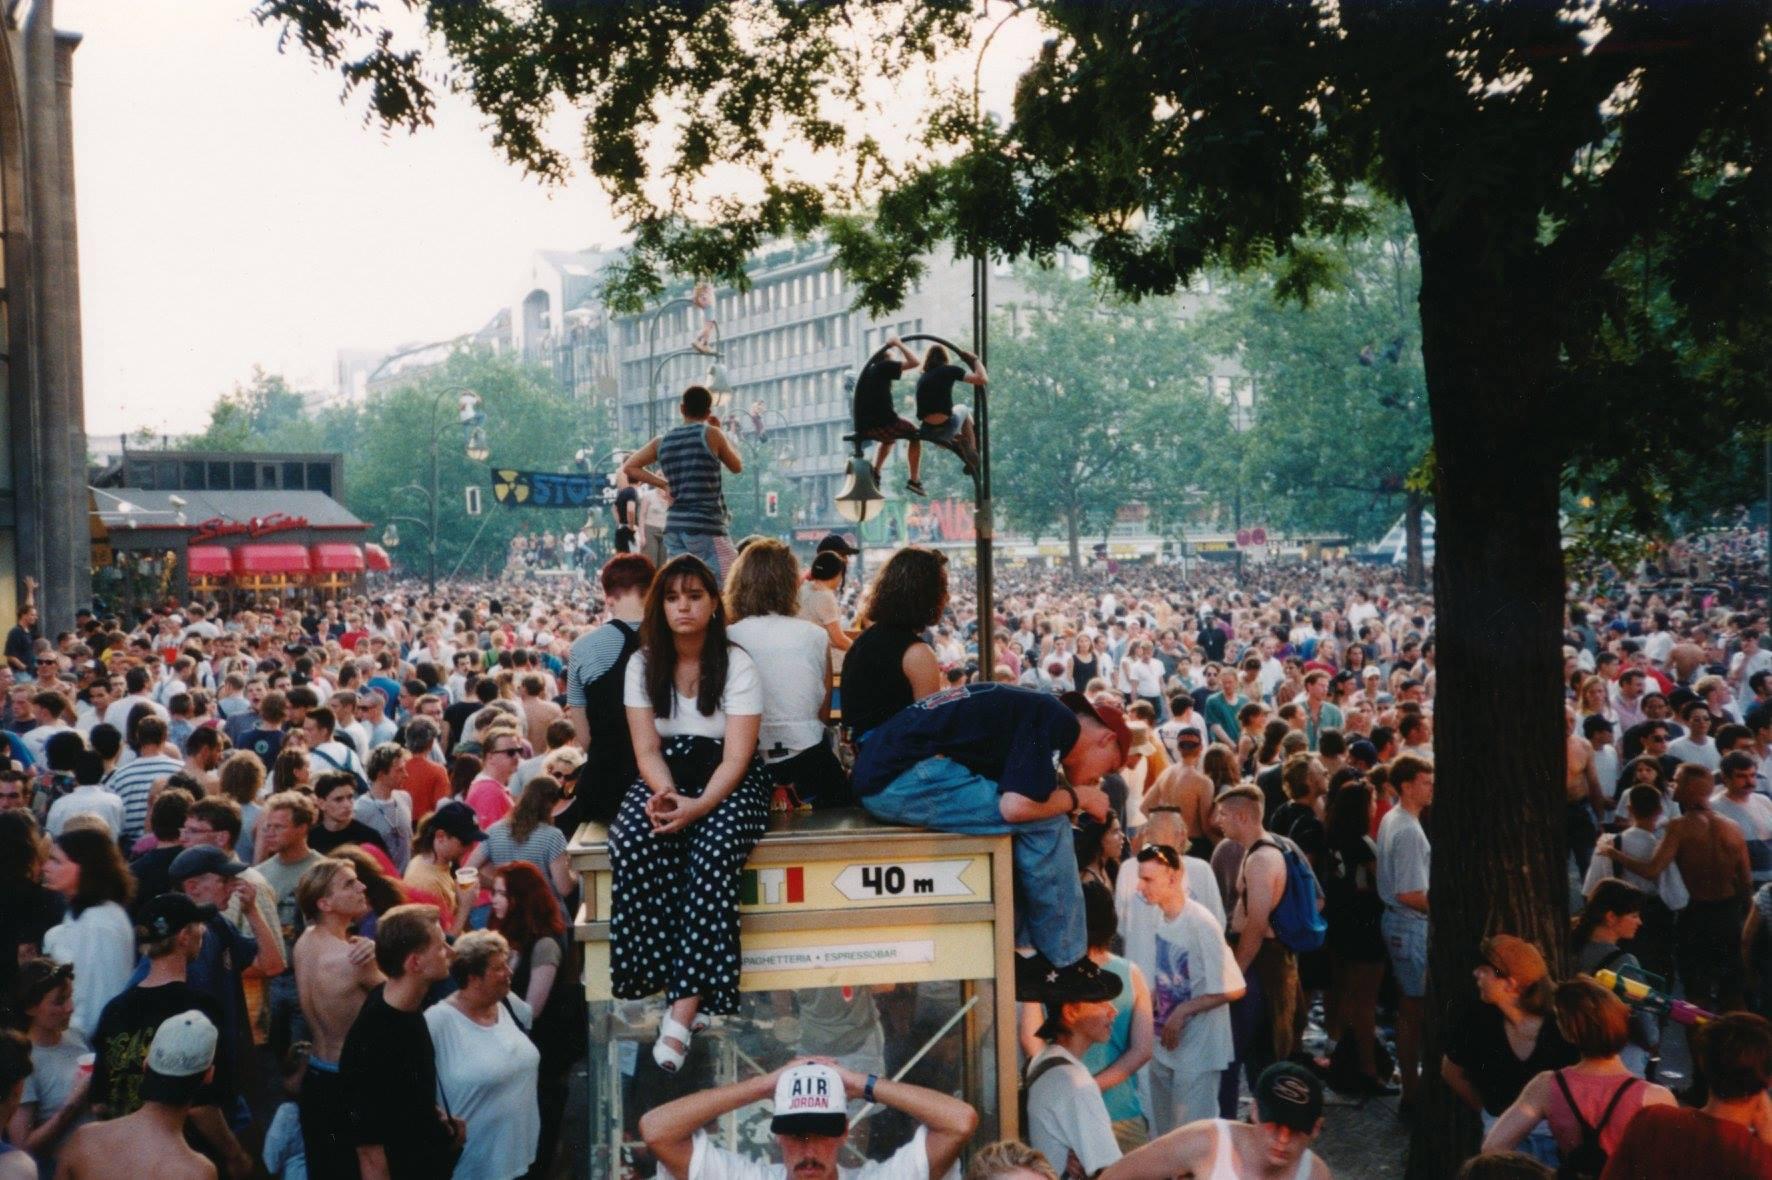 Technoparade, Berlin, 1995. Tilman Brembs.